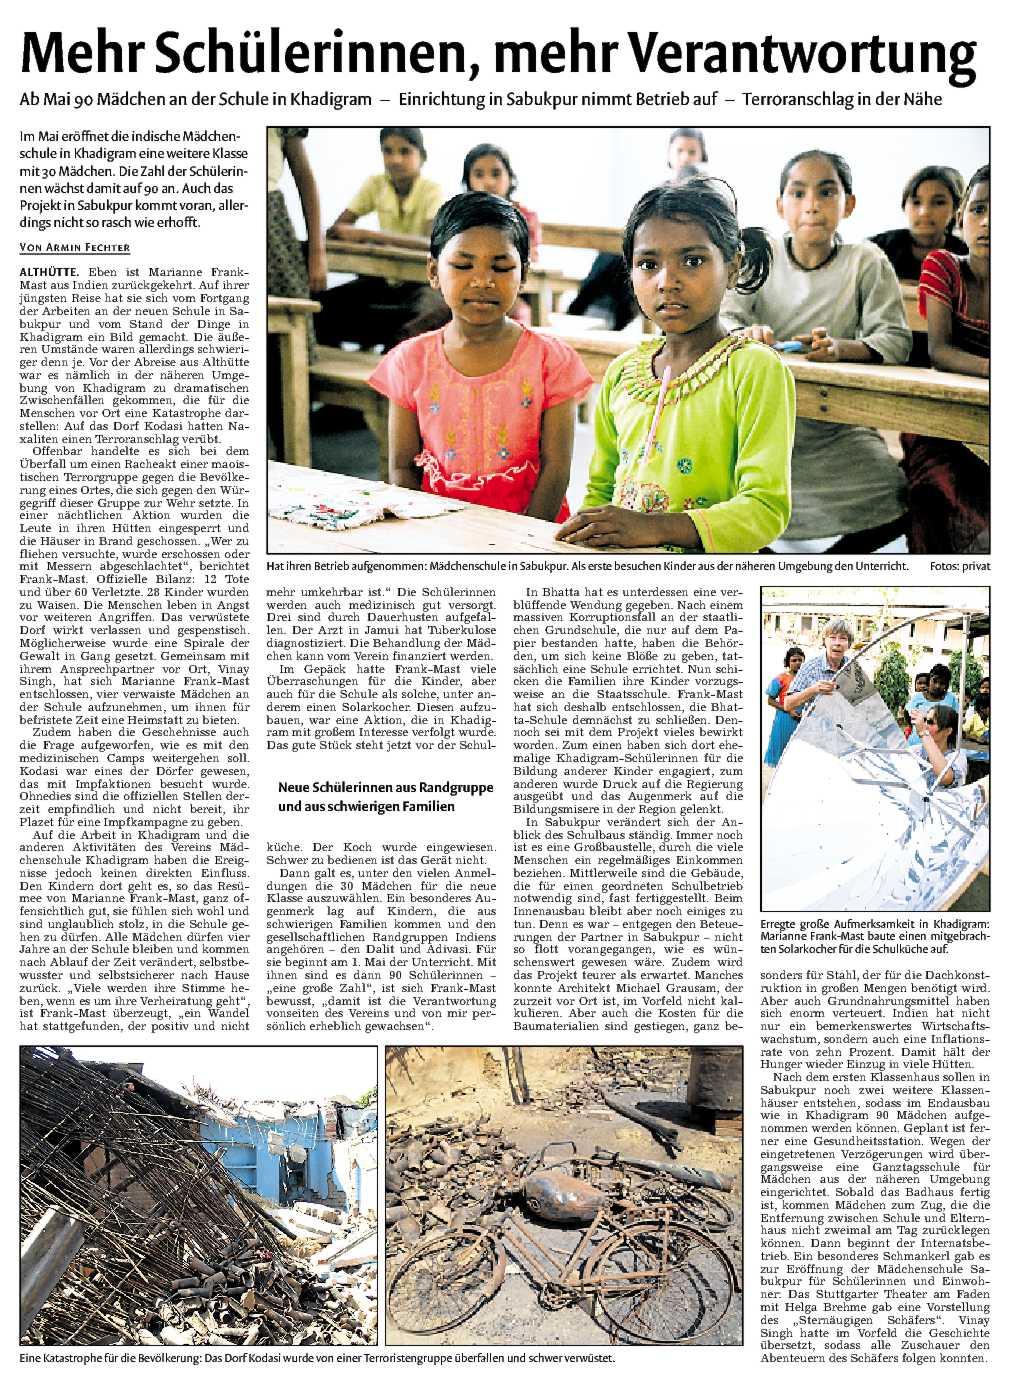 ansehen in einer indischen schule